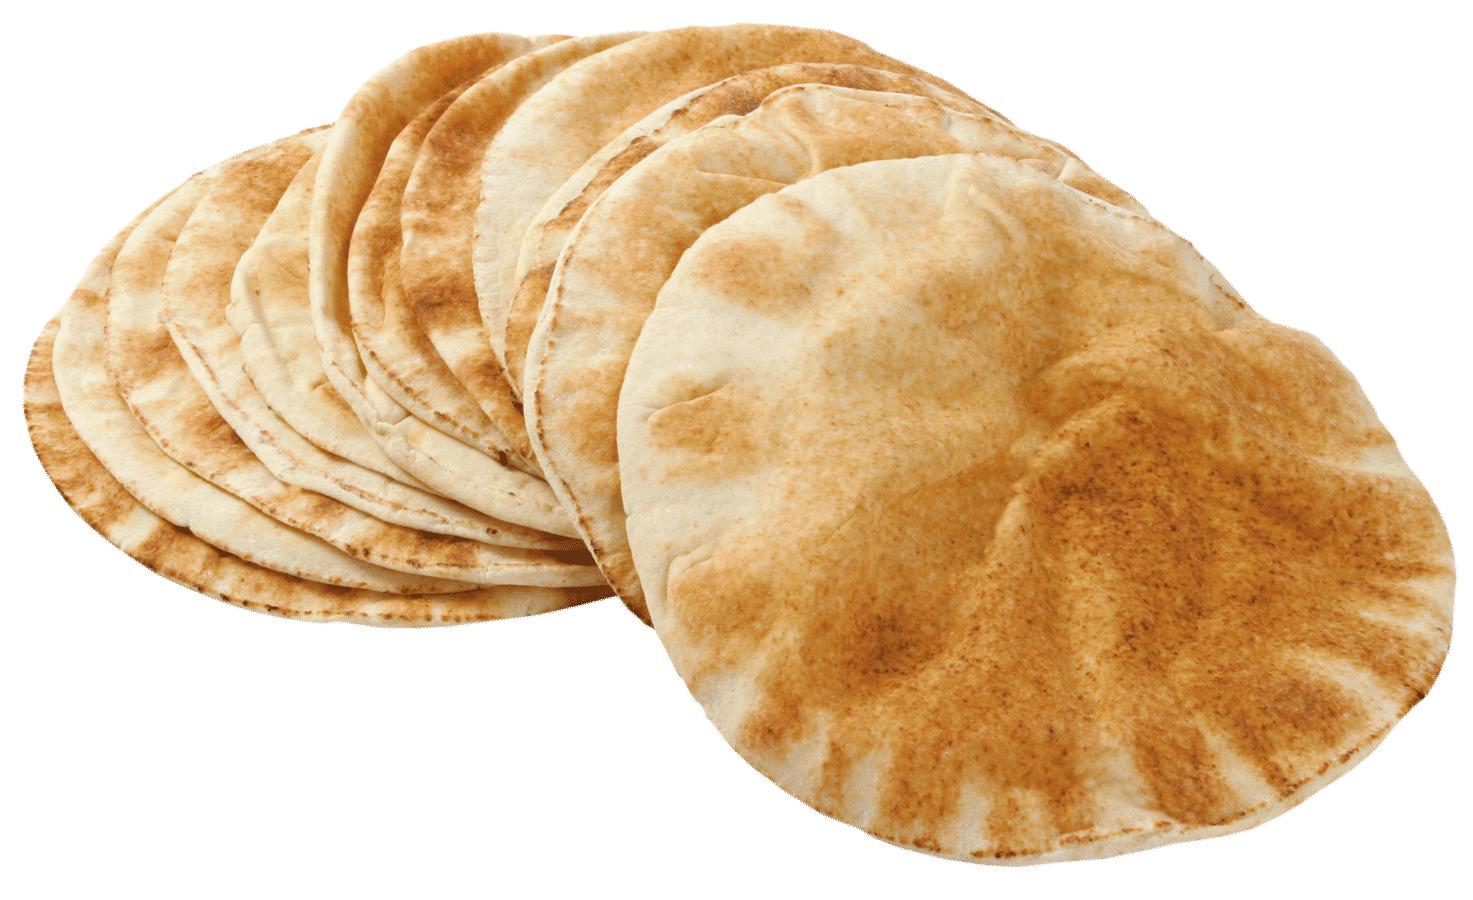 بالصور تفسير حلم شراء الخبز 20160816 341